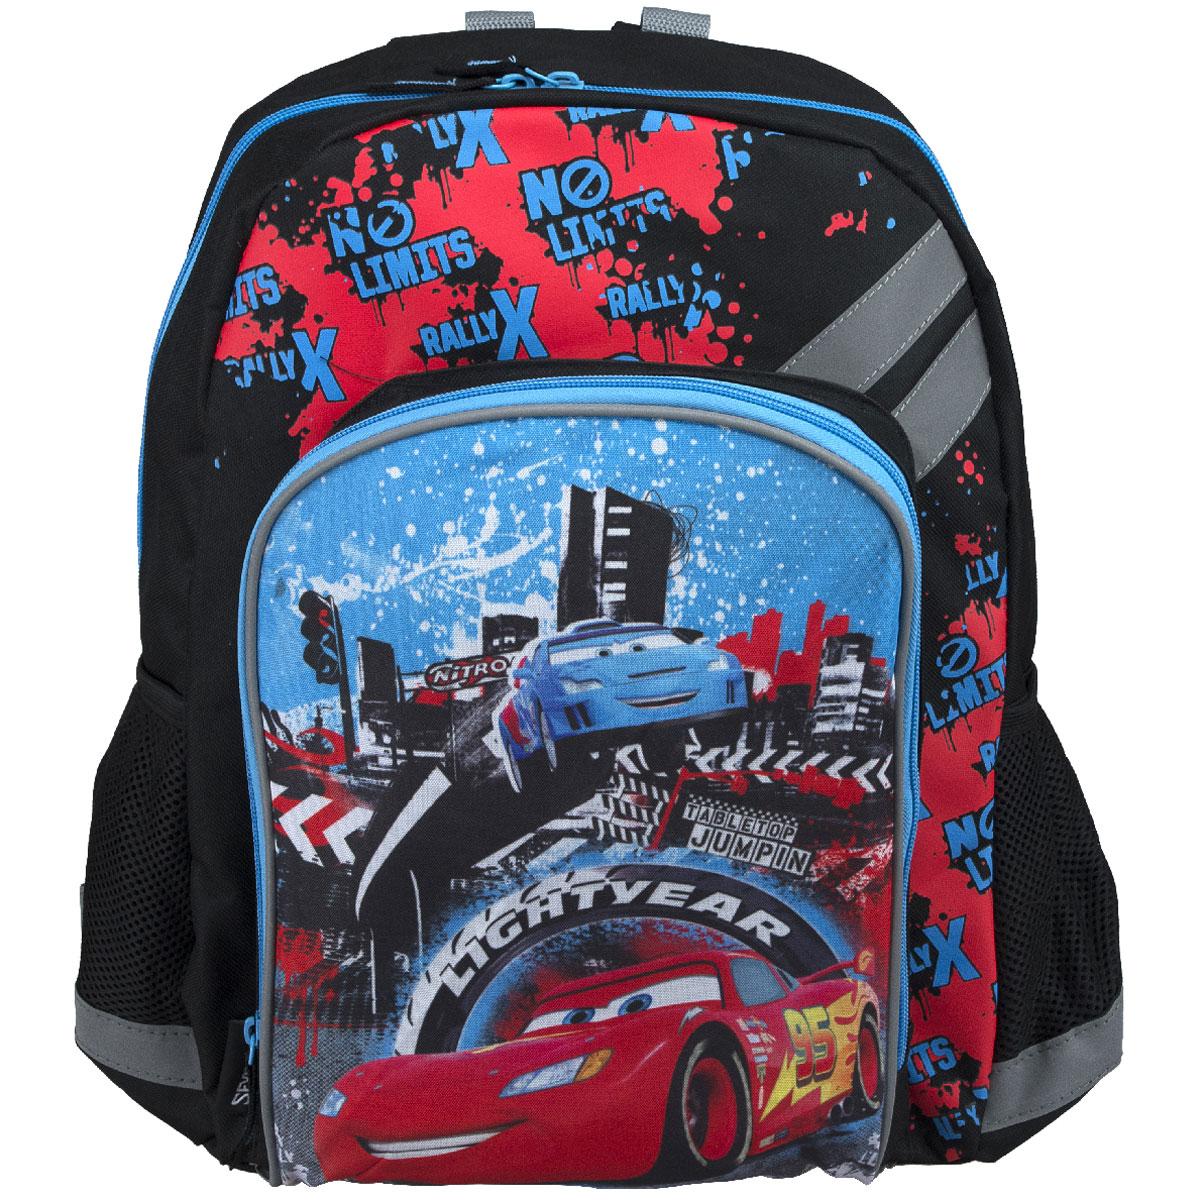 Рюкзак школьный Cars, цвет: черный, голубой, красный. CRCB-MT1-988MPLCB-MT1-114Рюкзак школьный Cars обязательно привлечет внимание вашего школьника. Выполнен из прочных и высококачественных материалов, дополнен изображением героев из мультфильма Тачки.Содержит одно вместительное отделение, закрывающееся на застежку-молнию с двумя бегунками. Внутри отделения находятся две перегородки для тетрадей или учебников, фиксирующиеся резинкой. Дно рюкзака можно сделать жестким, разложив специальную панель с пластиковой вставкой, что повышает сохранность содержимого рюкзака и способствует правильному распределению нагрузки. Лицевая сторона оснащена накладным карманом на молнии. По бокам расположены два накладных кармана-сетка. Конструкция спинки дополнена противоскользящей сеточкой и системой вентиляции для предотвращения запотевания спины ребенка. Мягкие широкие лямки S-образной позволяют легко и быстро отрегулировать рюкзак в соответствии с ростом. Рюкзак оснащен текстильной ручкой для удобной переноски в руке. Светоотражающие элементы обеспечивают безопасность в темное время суток.Такой школьный рюкзак станет незаменимым спутником вашего ребенка в походах за знаниями.Вес рюкзака без наполнения: 550 г.Рекомендуемый возраст: от 12 лет.